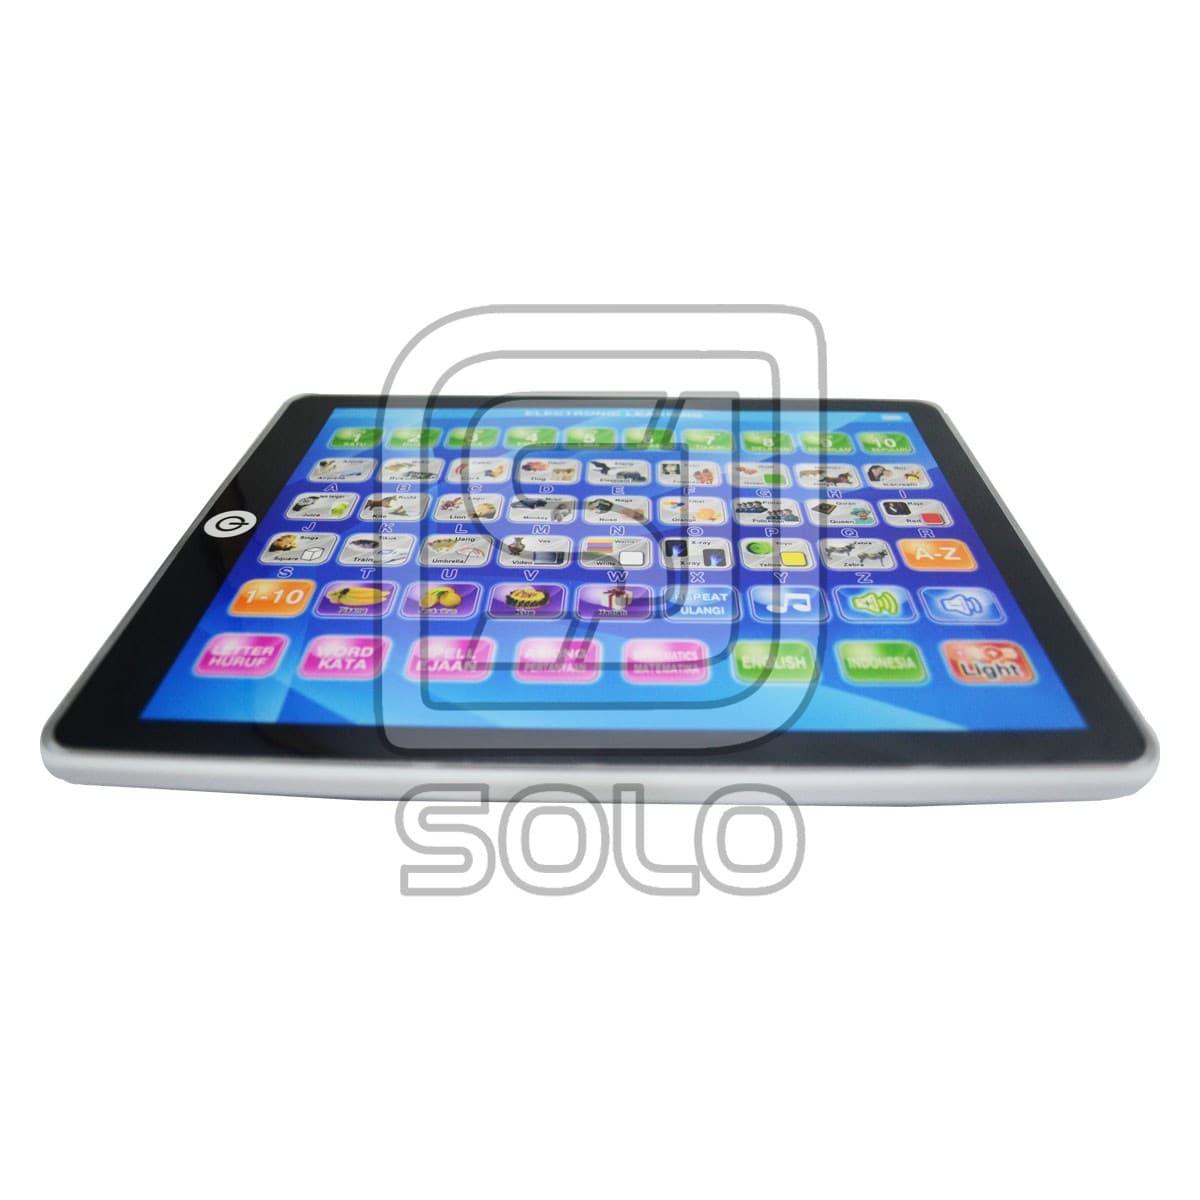 ... New Playpad Play Pad Anak Muslim Mainan Edukasi Edukatif Tablet -  Blanja.com 0fd4e5110d